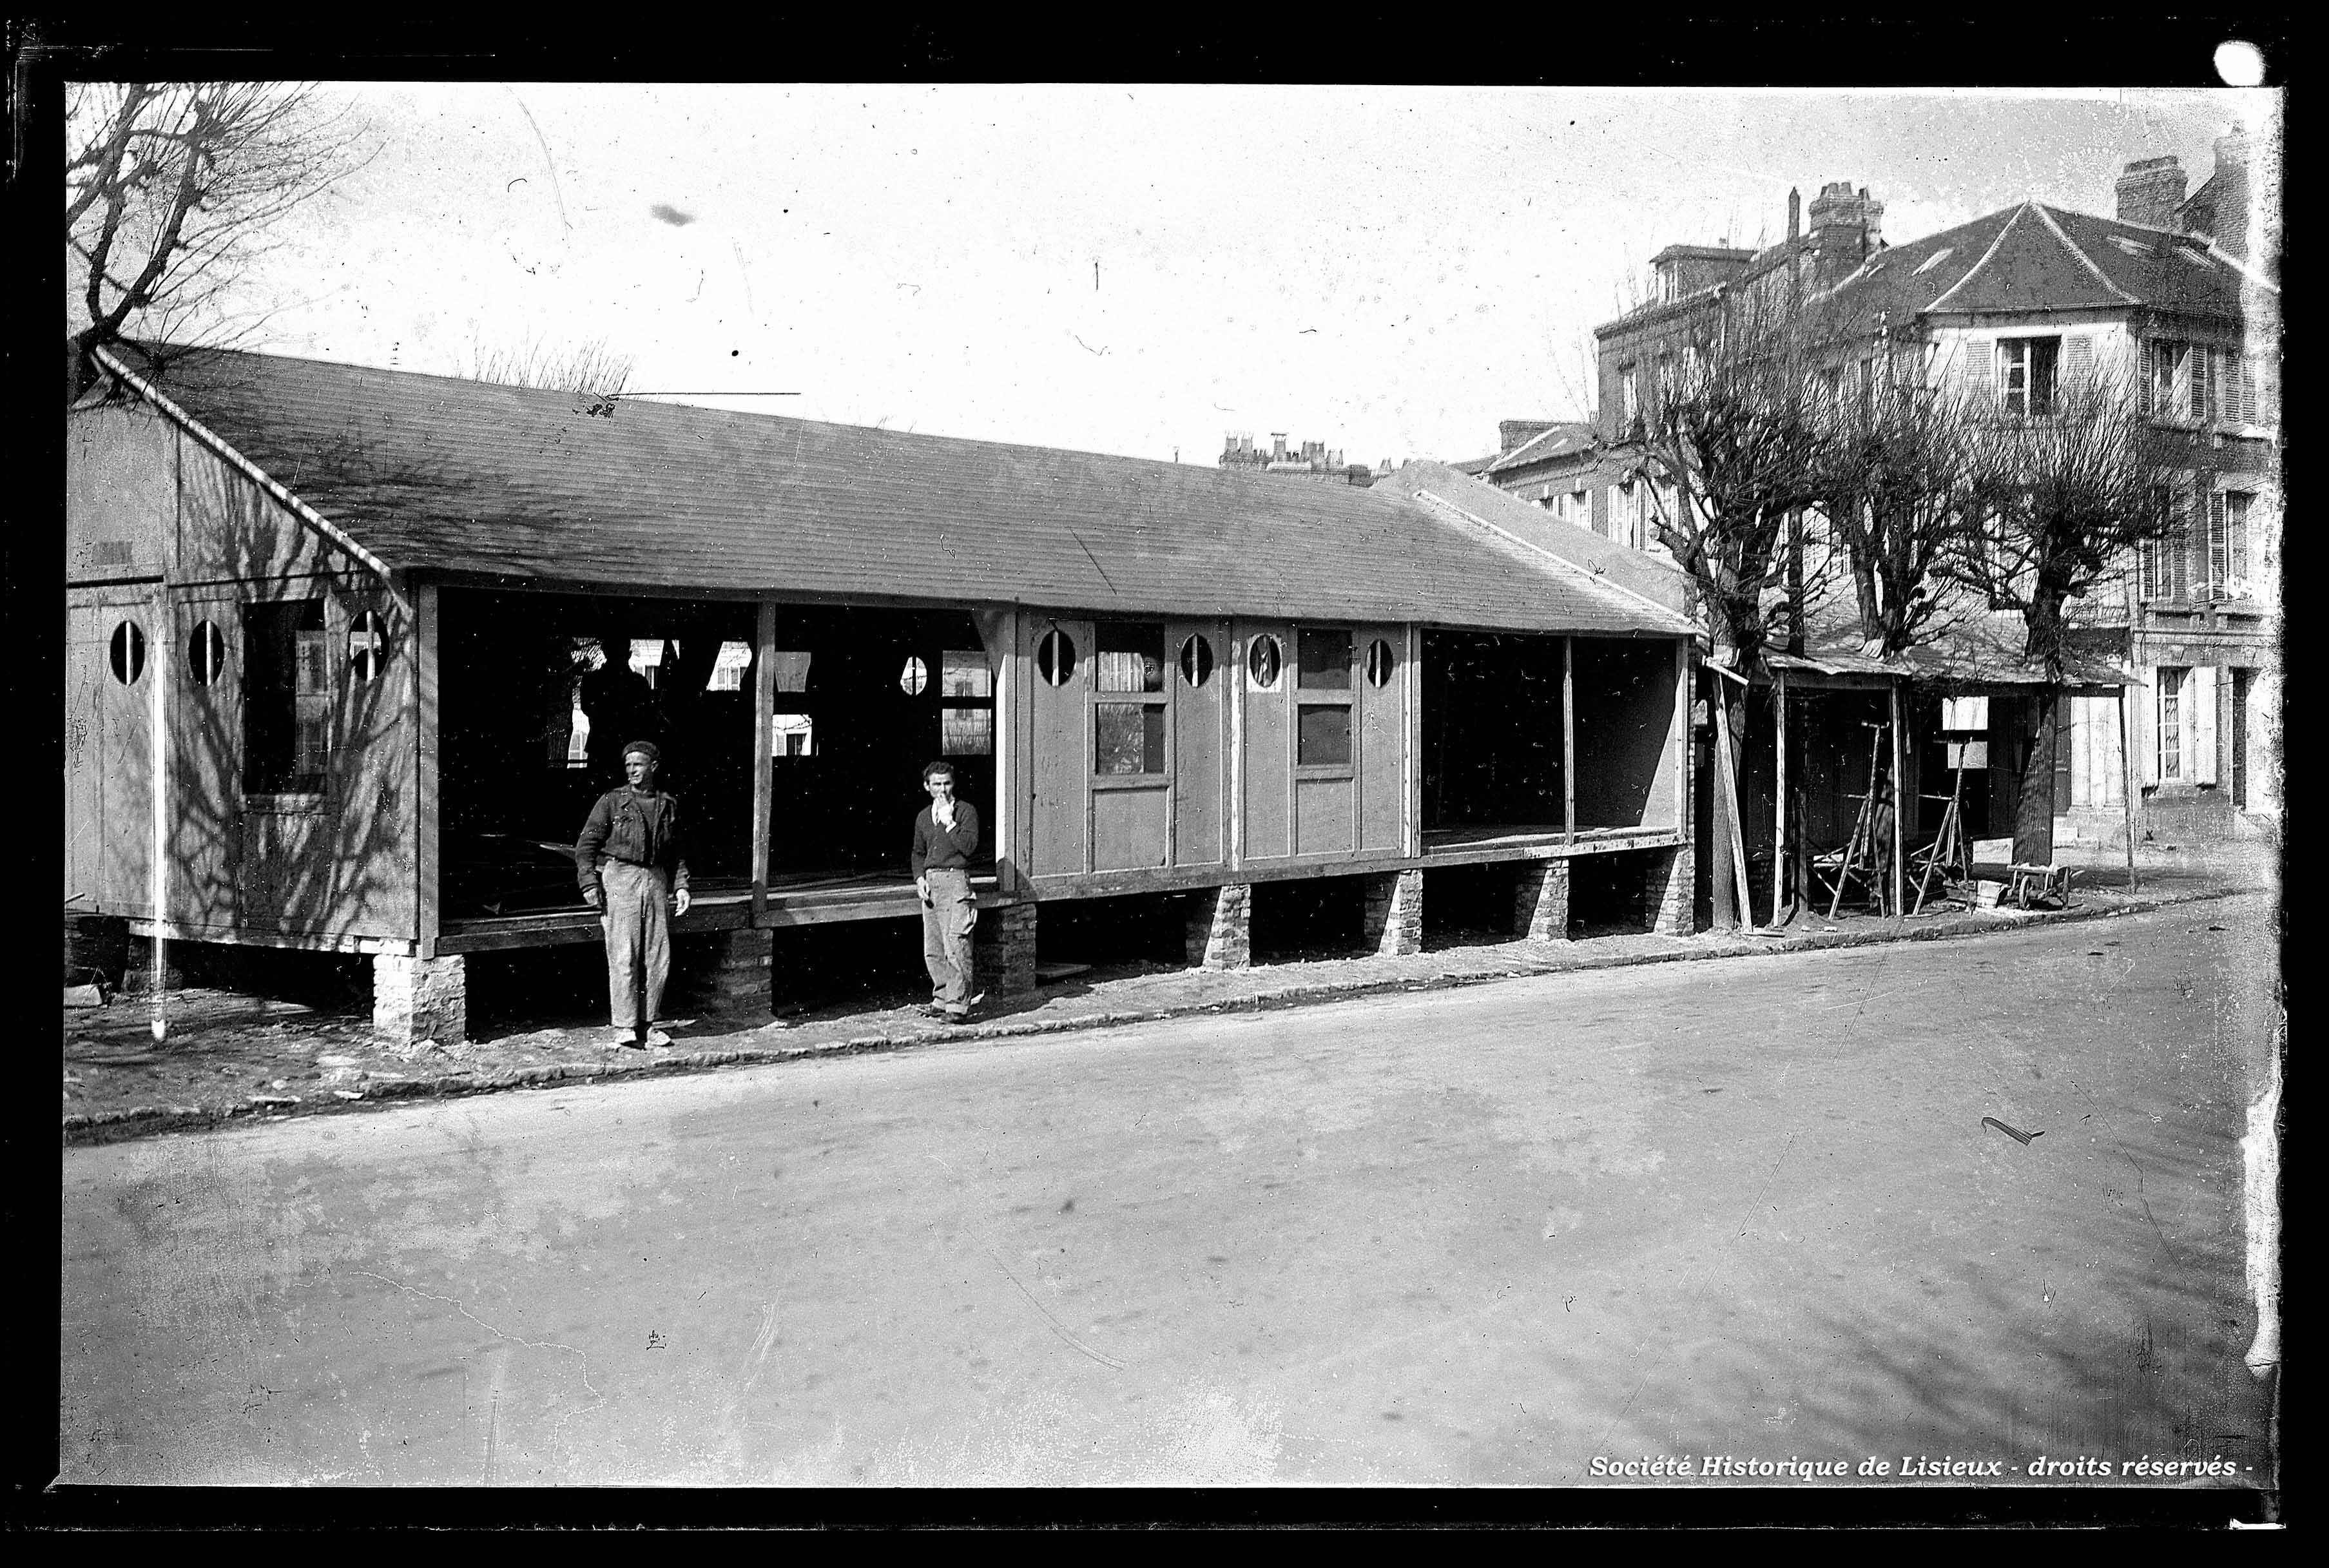 Construction de baraquements, place de la Victoire